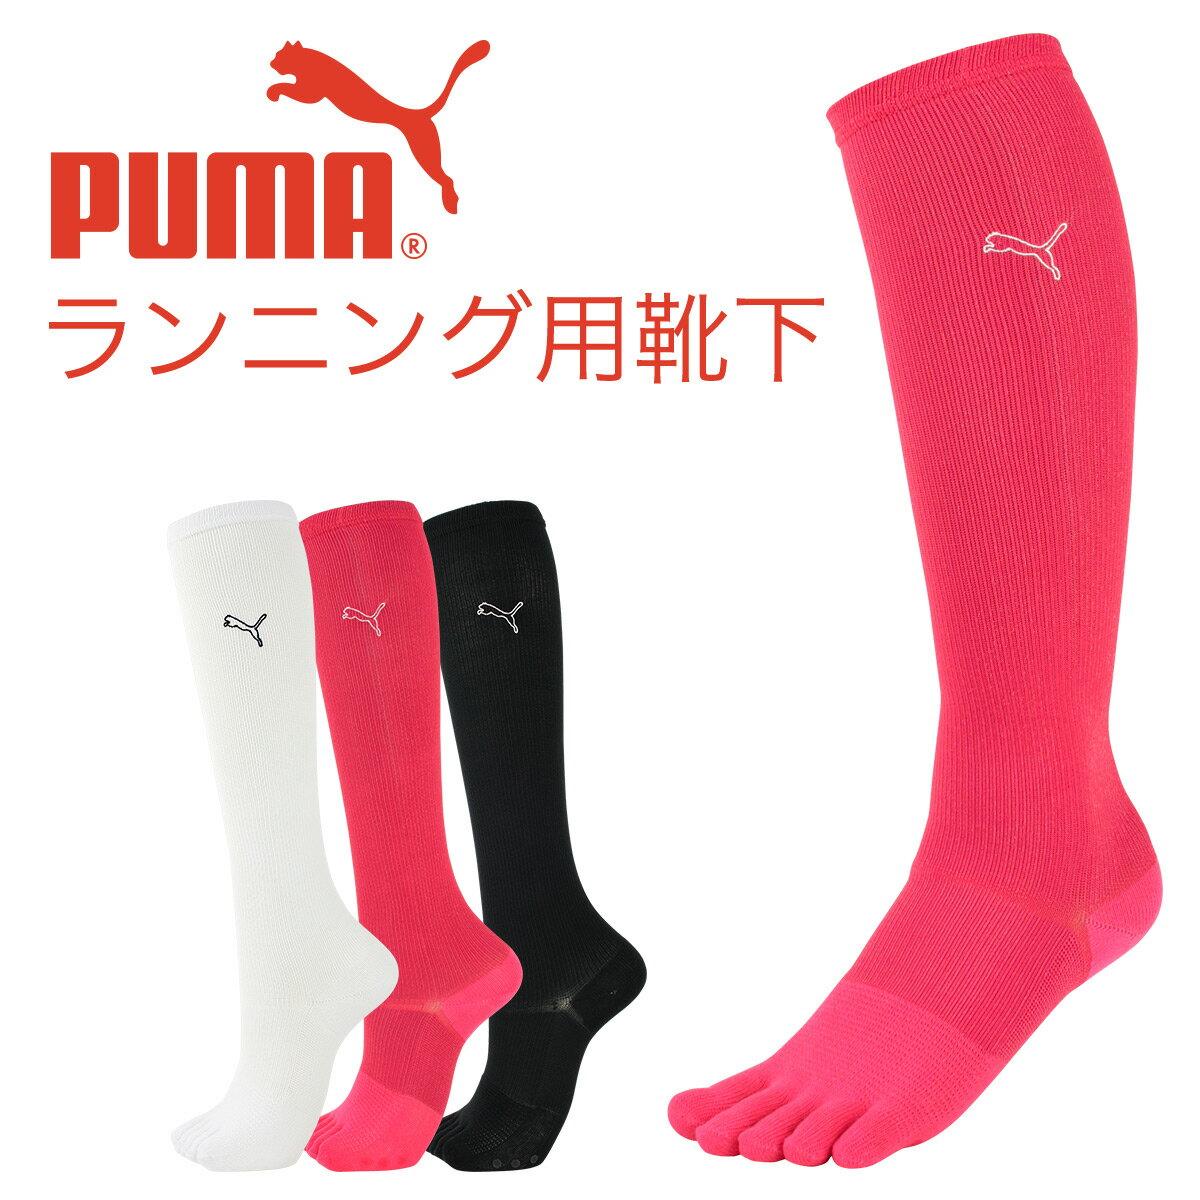 【送料無料】PUMA ( プーマ ) レディス 段階 着圧 設計5本指・アーチフィットサポート マラソン ハイソックス ムクミ エコノミークラス症候群 3562-228ポイント10倍